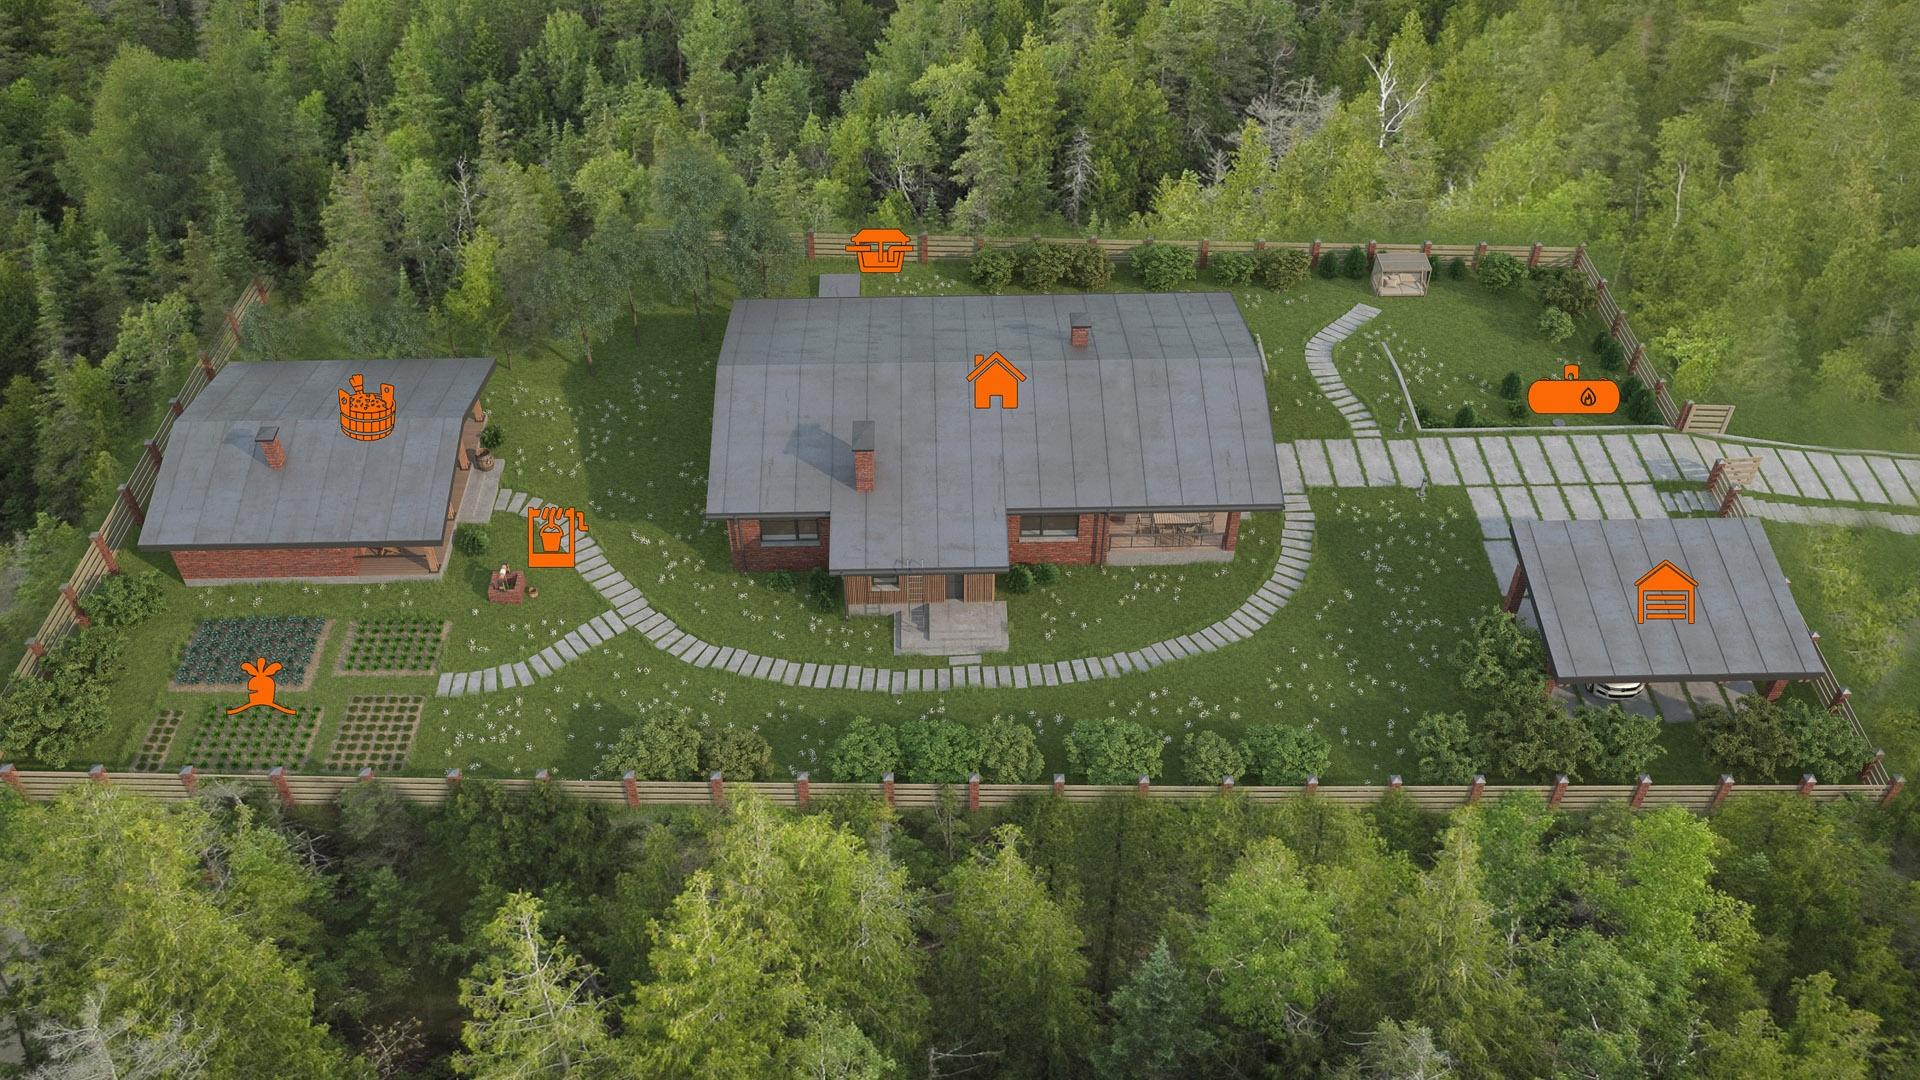 Изображение для проекта Проект кирпичного жилого дома «Каменные Ворота» 2162